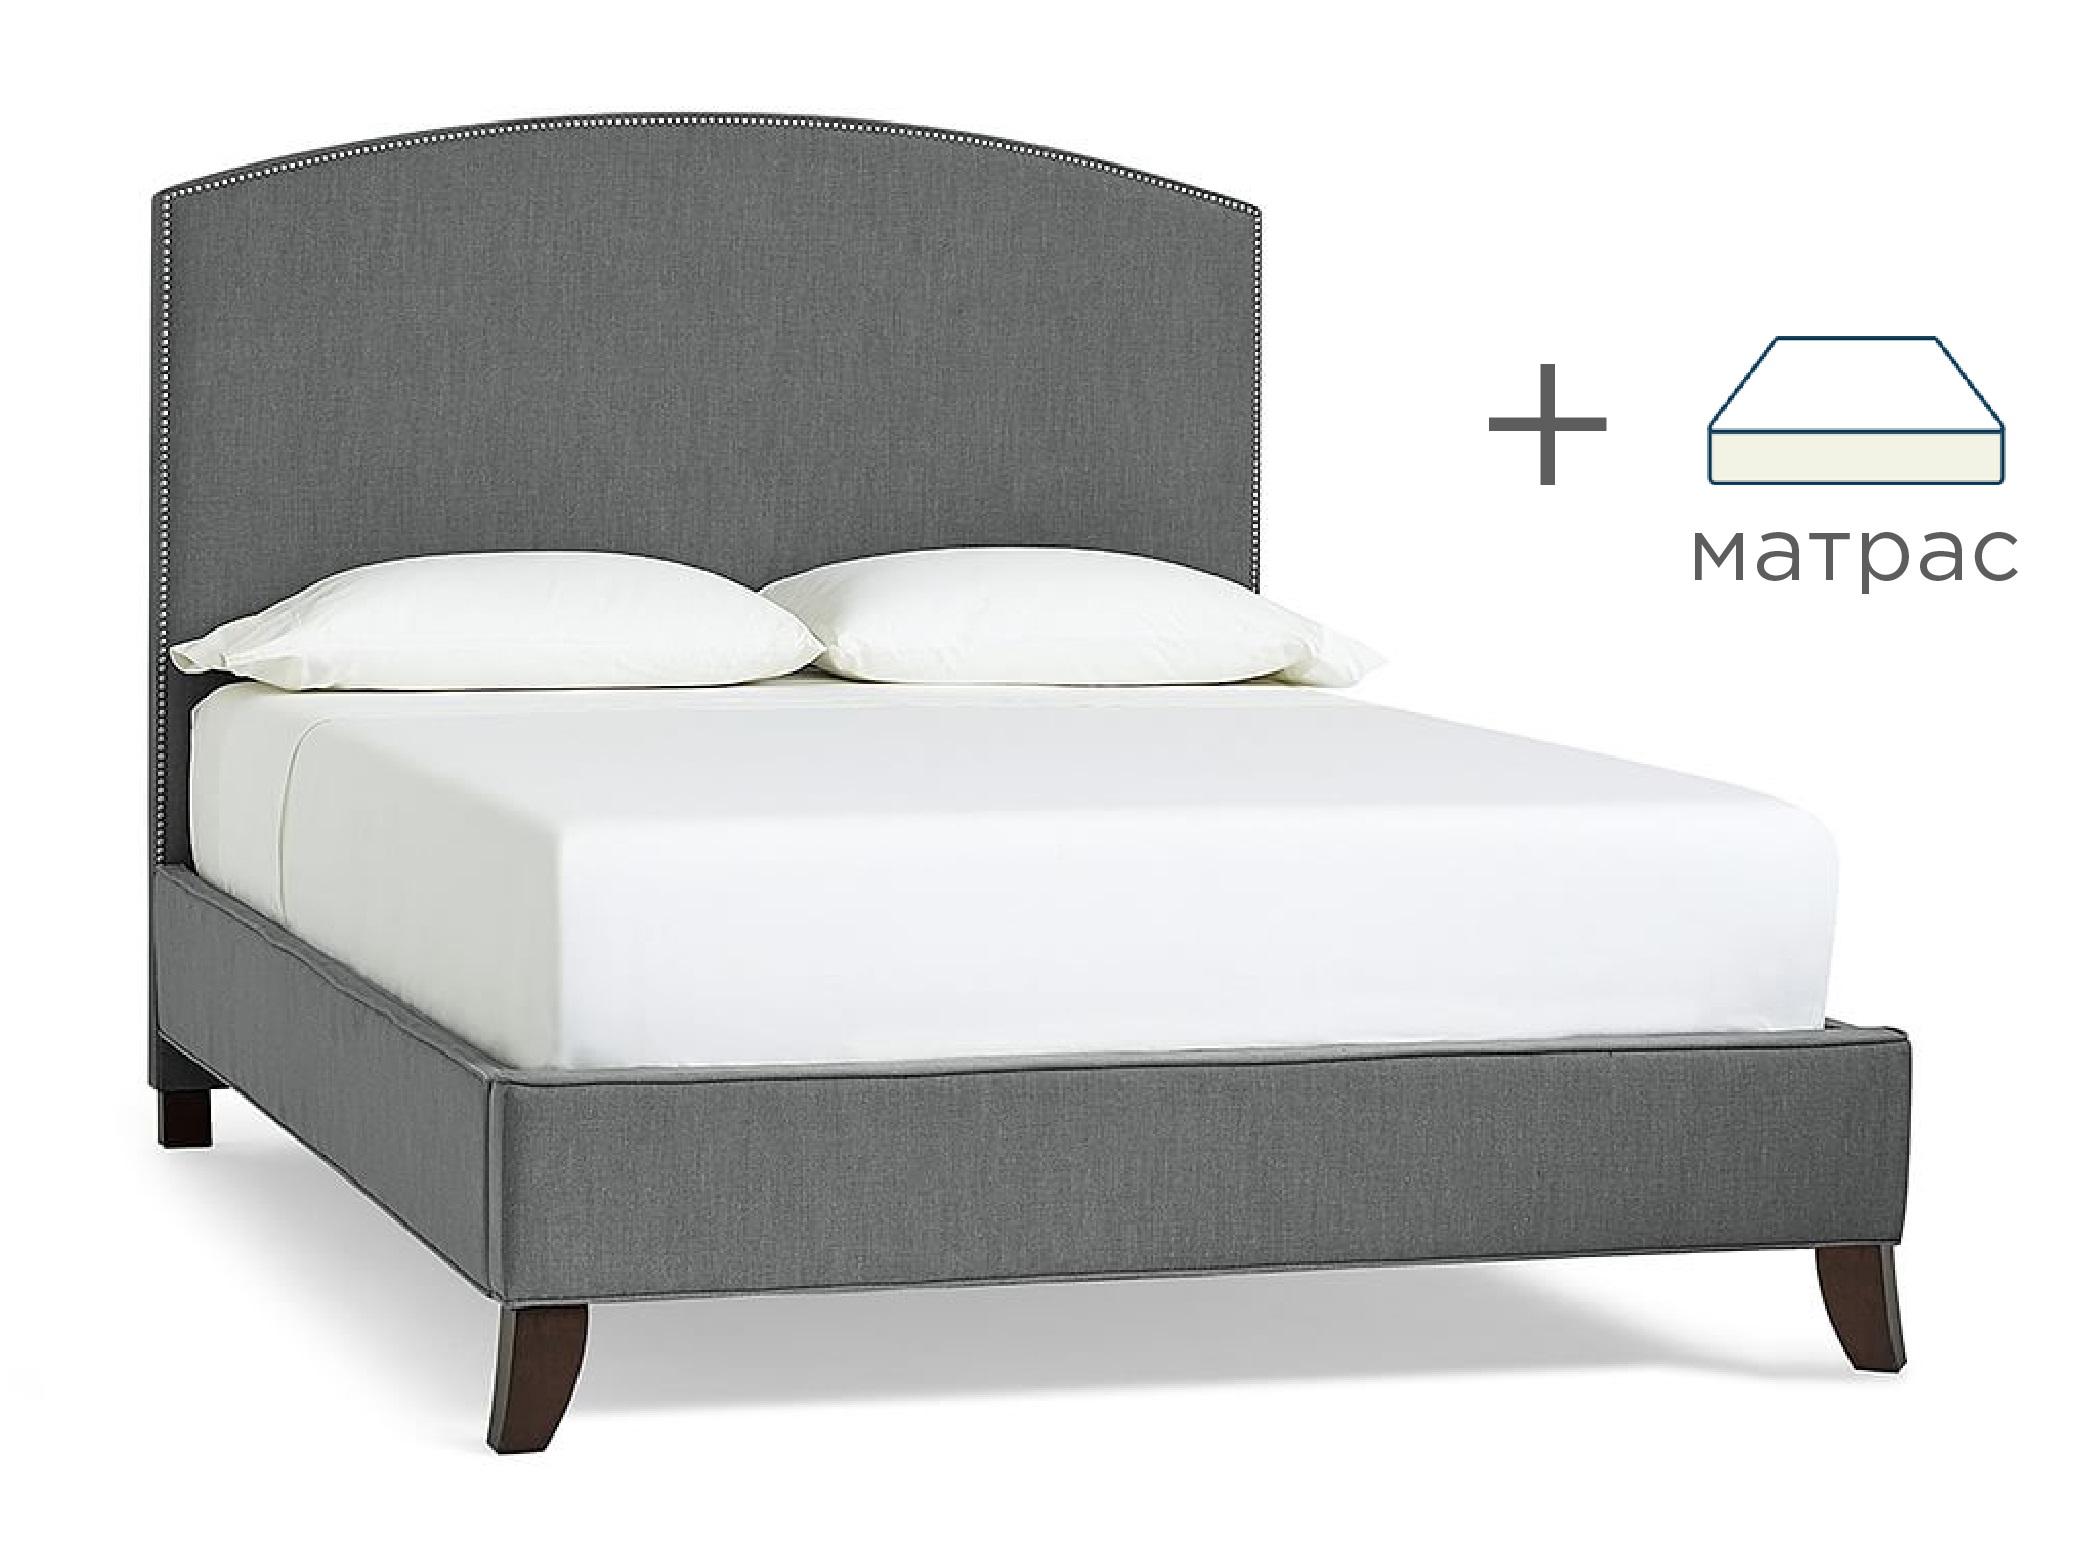 Кровать Nicole с матрасомКровати + матрасы<br>&amp;lt;div&amp;gt;Выгодная скидка при покупке комплекта!&amp;lt;/div&amp;gt;&amp;lt;div&amp;gt;Кровать в классическом американском стиле вместе с ортопедическим матрасом &amp;quot;Ascona Terapia Quadra&amp;quot;.&amp;lt;/div&amp;gt;&amp;lt;div&amp;gt;&amp;lt;br&amp;gt;&amp;lt;/div&amp;gt;&amp;lt;div&amp;gt;Характеристики кровати:&amp;lt;/div&amp;gt;&amp;lt;div&amp;gt;Размер спального места: 160*200&amp;lt;/div&amp;gt;&amp;lt;div&amp;gt;Материалы: бук, текстиль&amp;lt;/div&amp;gt;&amp;lt;div&amp;gt;Варианты исполнения: более 200 цветов&amp;lt;/div&amp;gt;&amp;lt;div&amp;gt;&amp;lt;br&amp;gt;&amp;lt;/div&amp;gt;&amp;lt;div&amp;gt;Характеристики матраса:&amp;lt;/div&amp;gt;&amp;lt;div&amp;gt;Комфортный трикотаж с антибактериальной пропиткой с ионами Ag+.&amp;lt;/div&amp;gt;&amp;lt;div&amp;gt;Латекс.&amp;lt;/div&amp;gt;&amp;lt;div&amp;gt;Кокосовая плита.&amp;lt;/div&amp;gt;&amp;lt;div&amp;gt;5-ти зональный блок независимых пружин «Песочные часы Extra».&amp;lt;/div&amp;gt;&amp;lt;div&amp;gt;Короб по периметру из пены Orto Foam.&amp;lt;/div&amp;gt;&amp;lt;div&amp;gt;Максимальная нагрузка: до 140 кг&amp;lt;/div&amp;gt;&amp;lt;div&amp;gt;Высота: 25 см.&amp;lt;/div&amp;gt;<br><br>Material: Текстиль